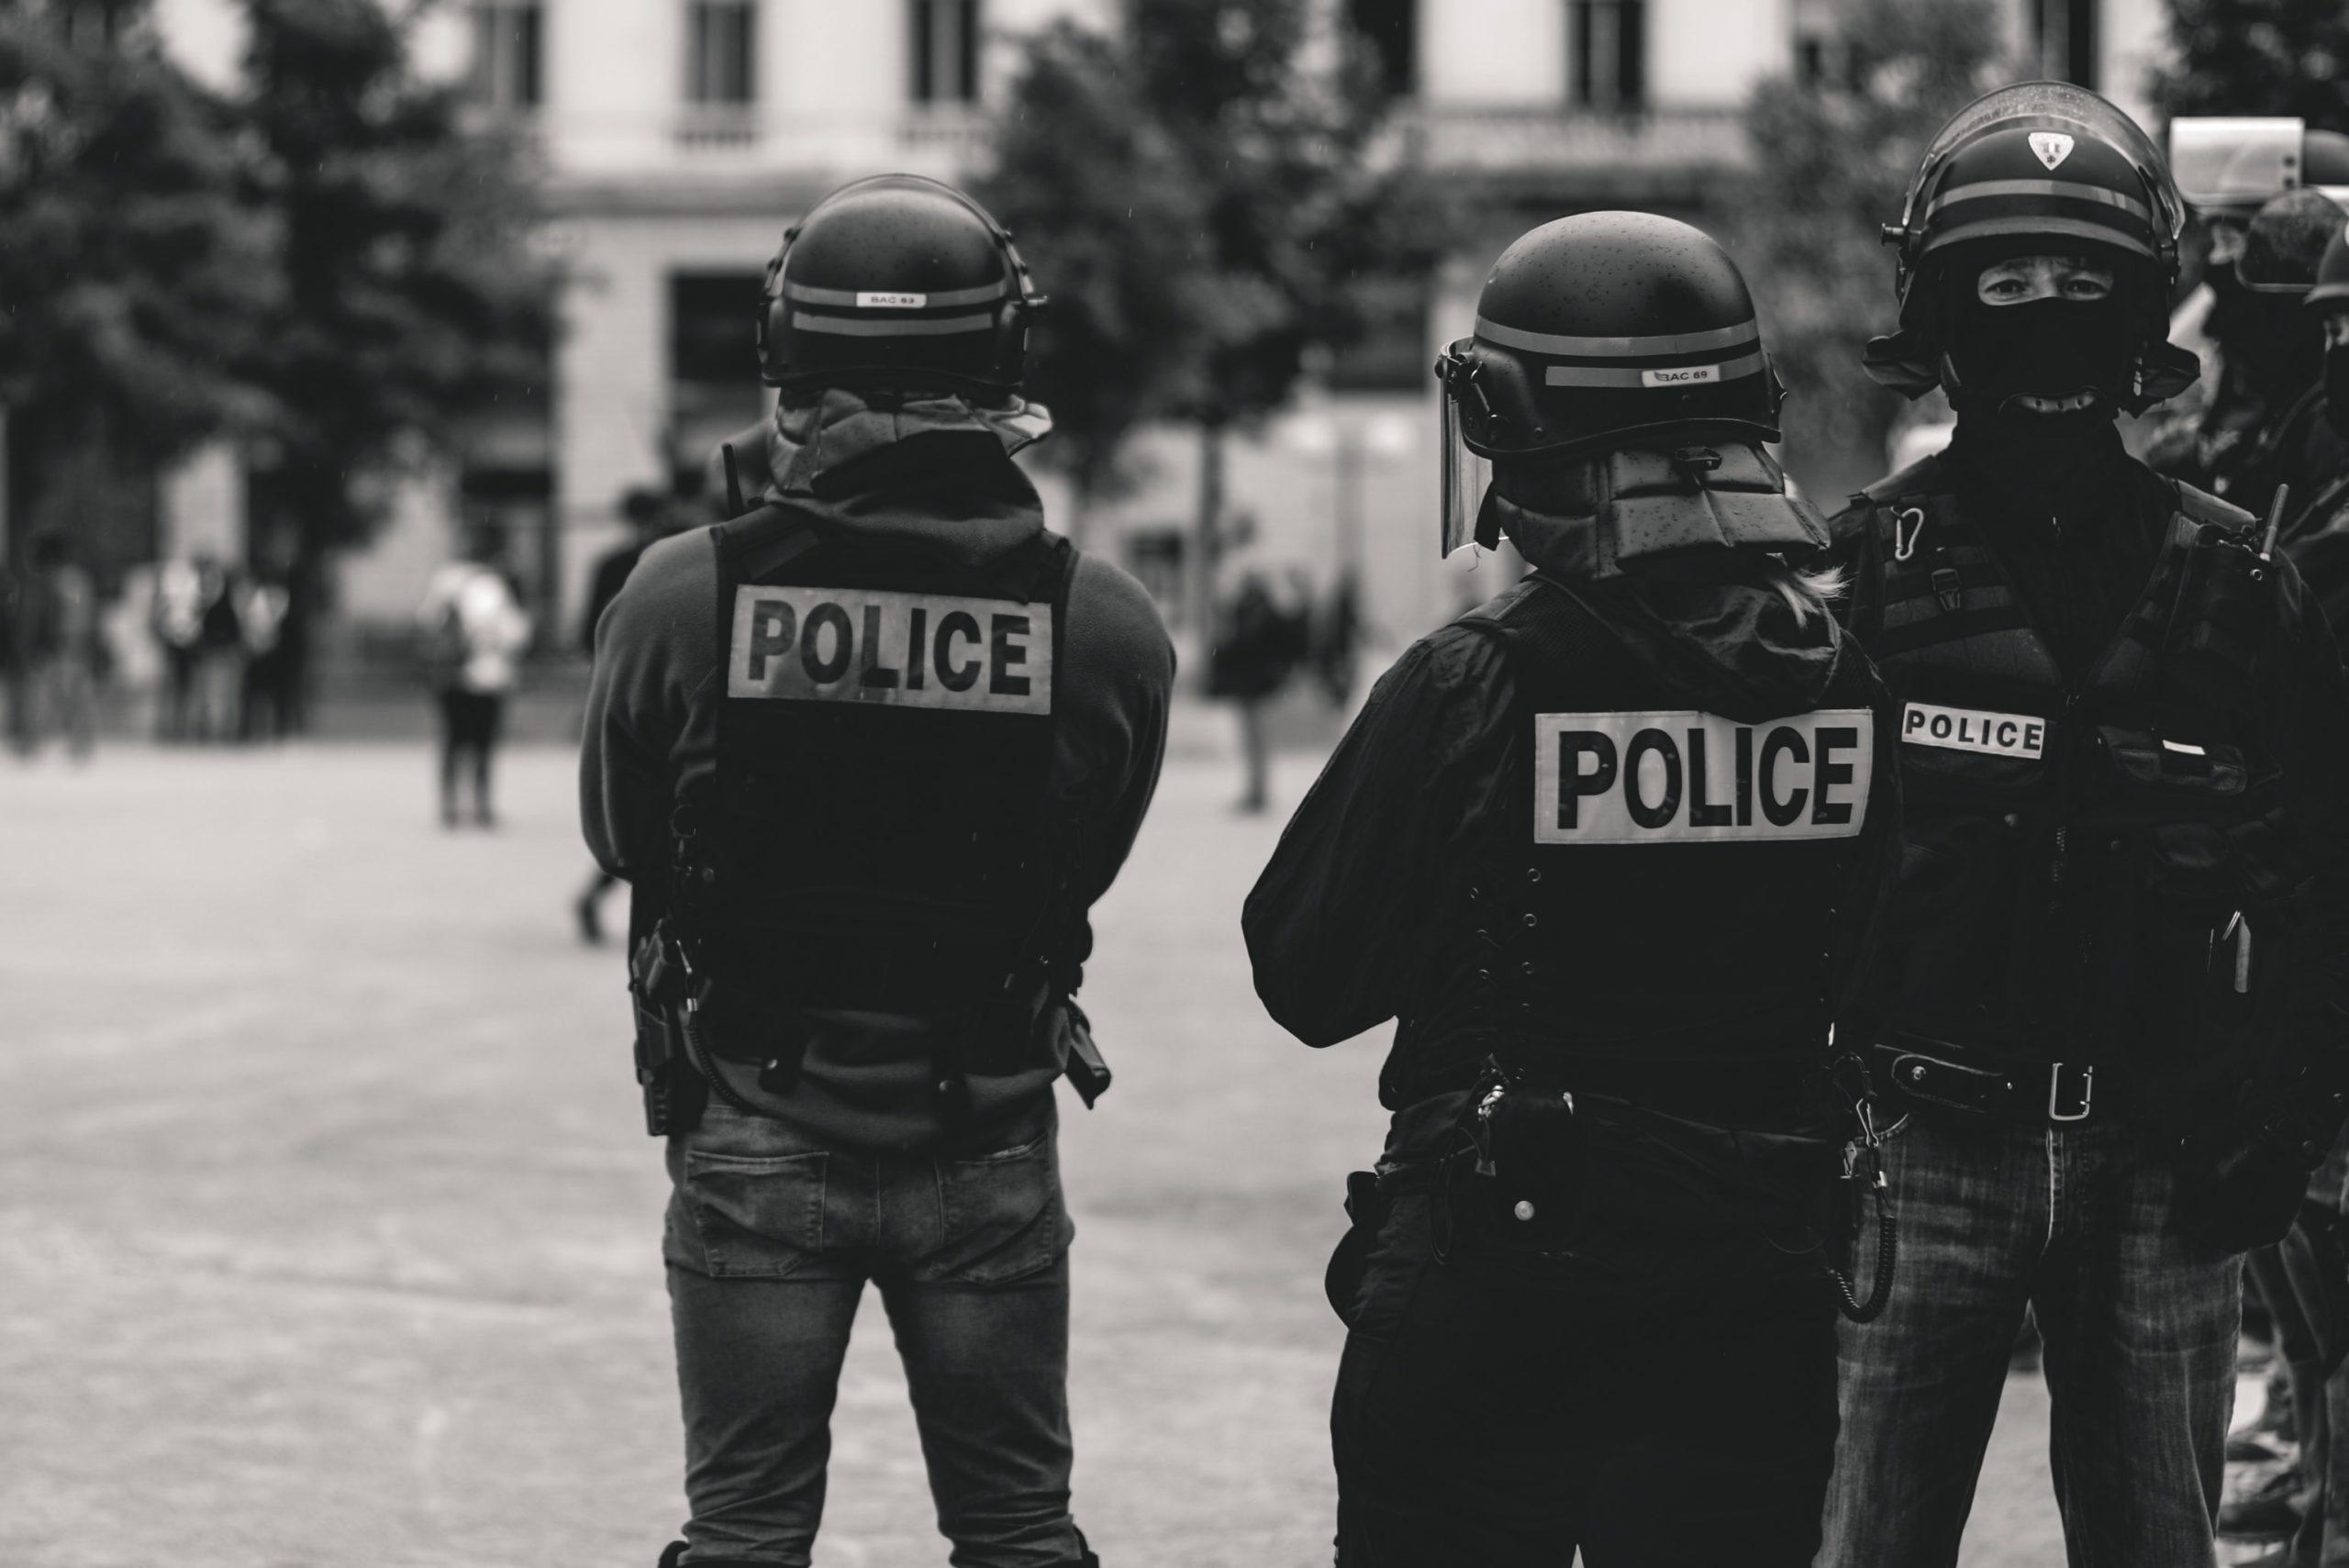 Μιλώντας για την αστυνομική βία: Τι είναι διαφορετικό τώρα;